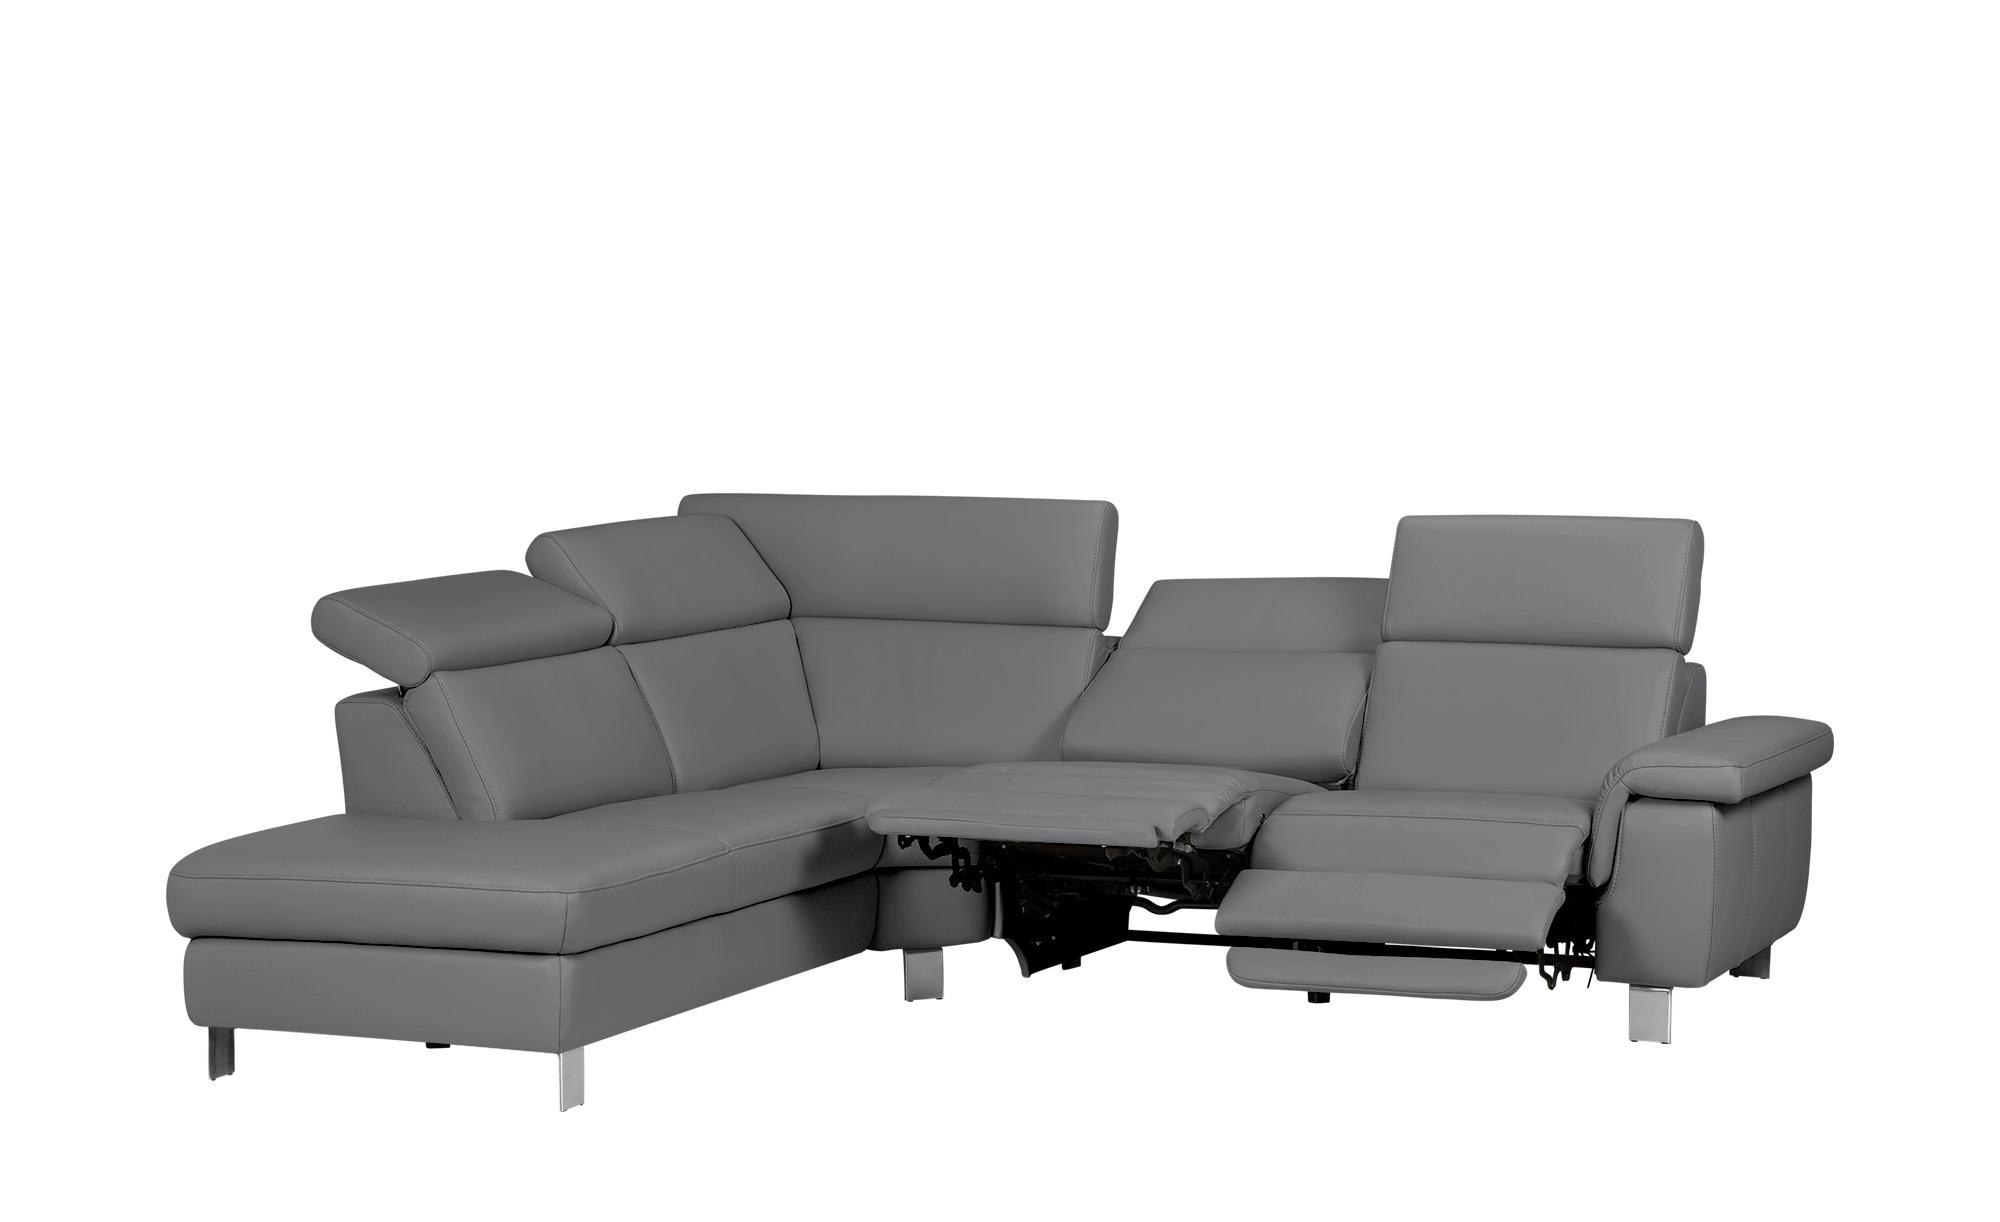 Hochwertiges Rolf Benz Sofa Aus Dem Sortiment Von Mobel Hoffner